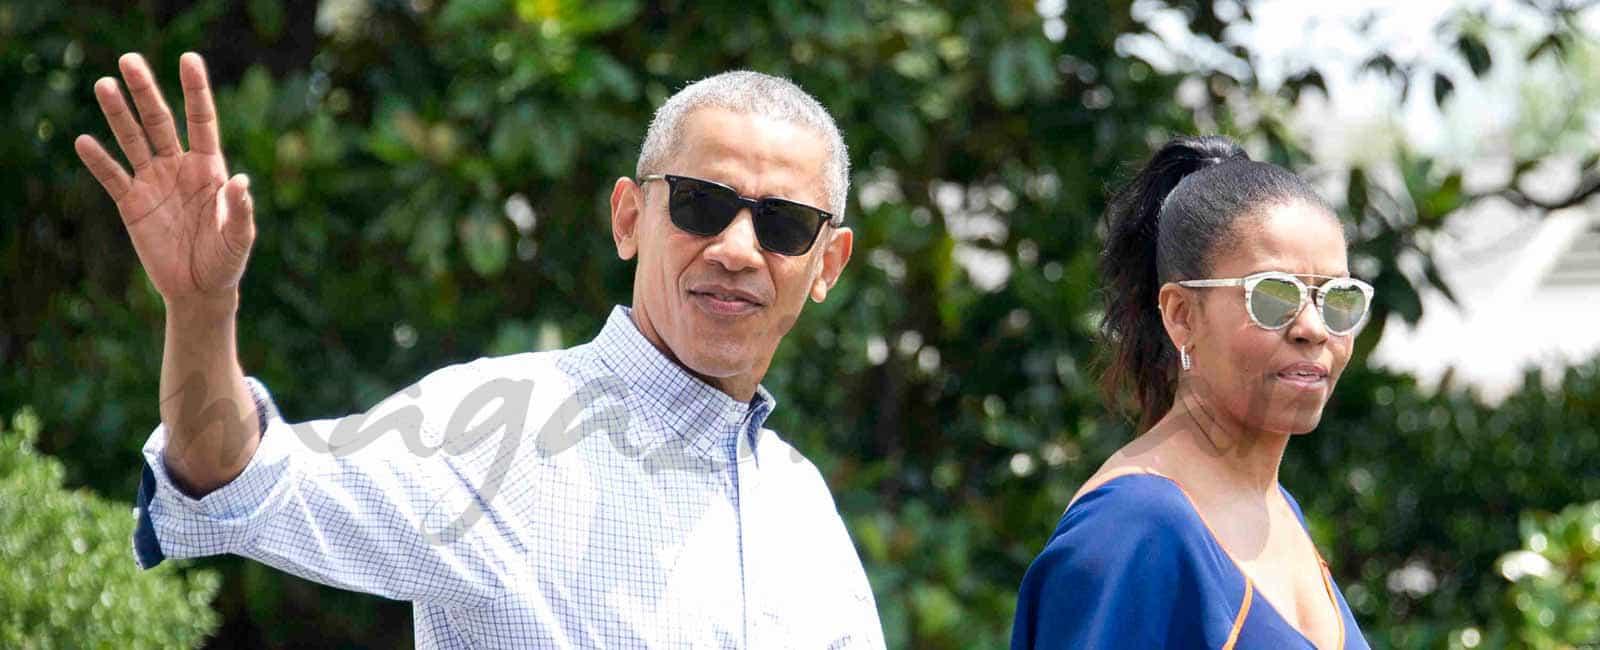 La familia Obama comienza sus vacaciones